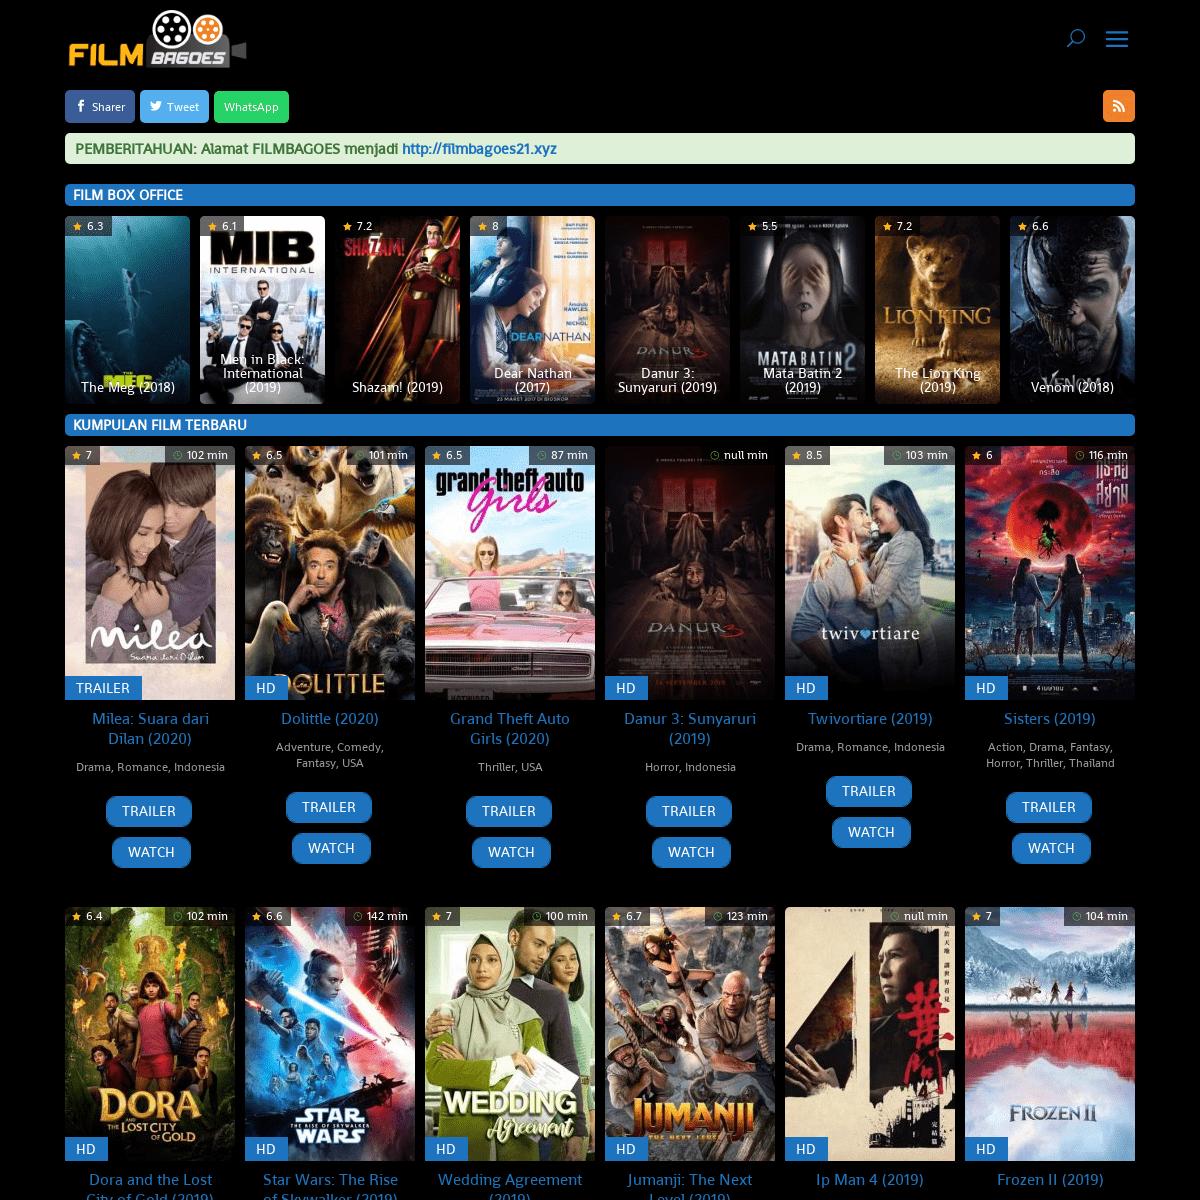 Filmbagoes Nonton Film Online Gratis Lk21 Dunia21 Indoxxi Subtitle Indonesia